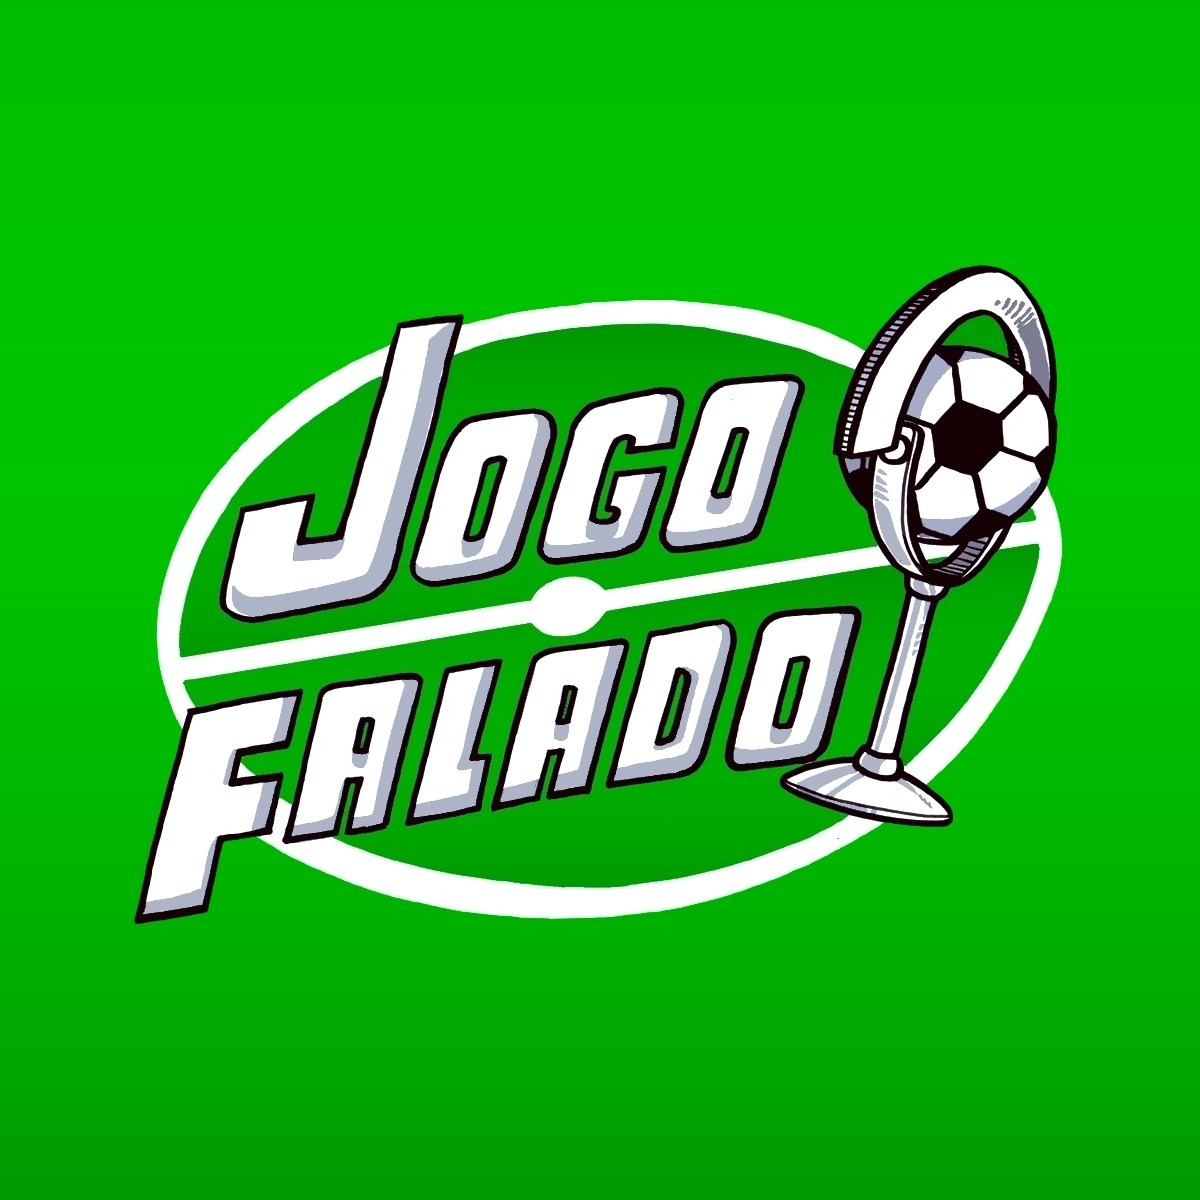 JOGO FALADO